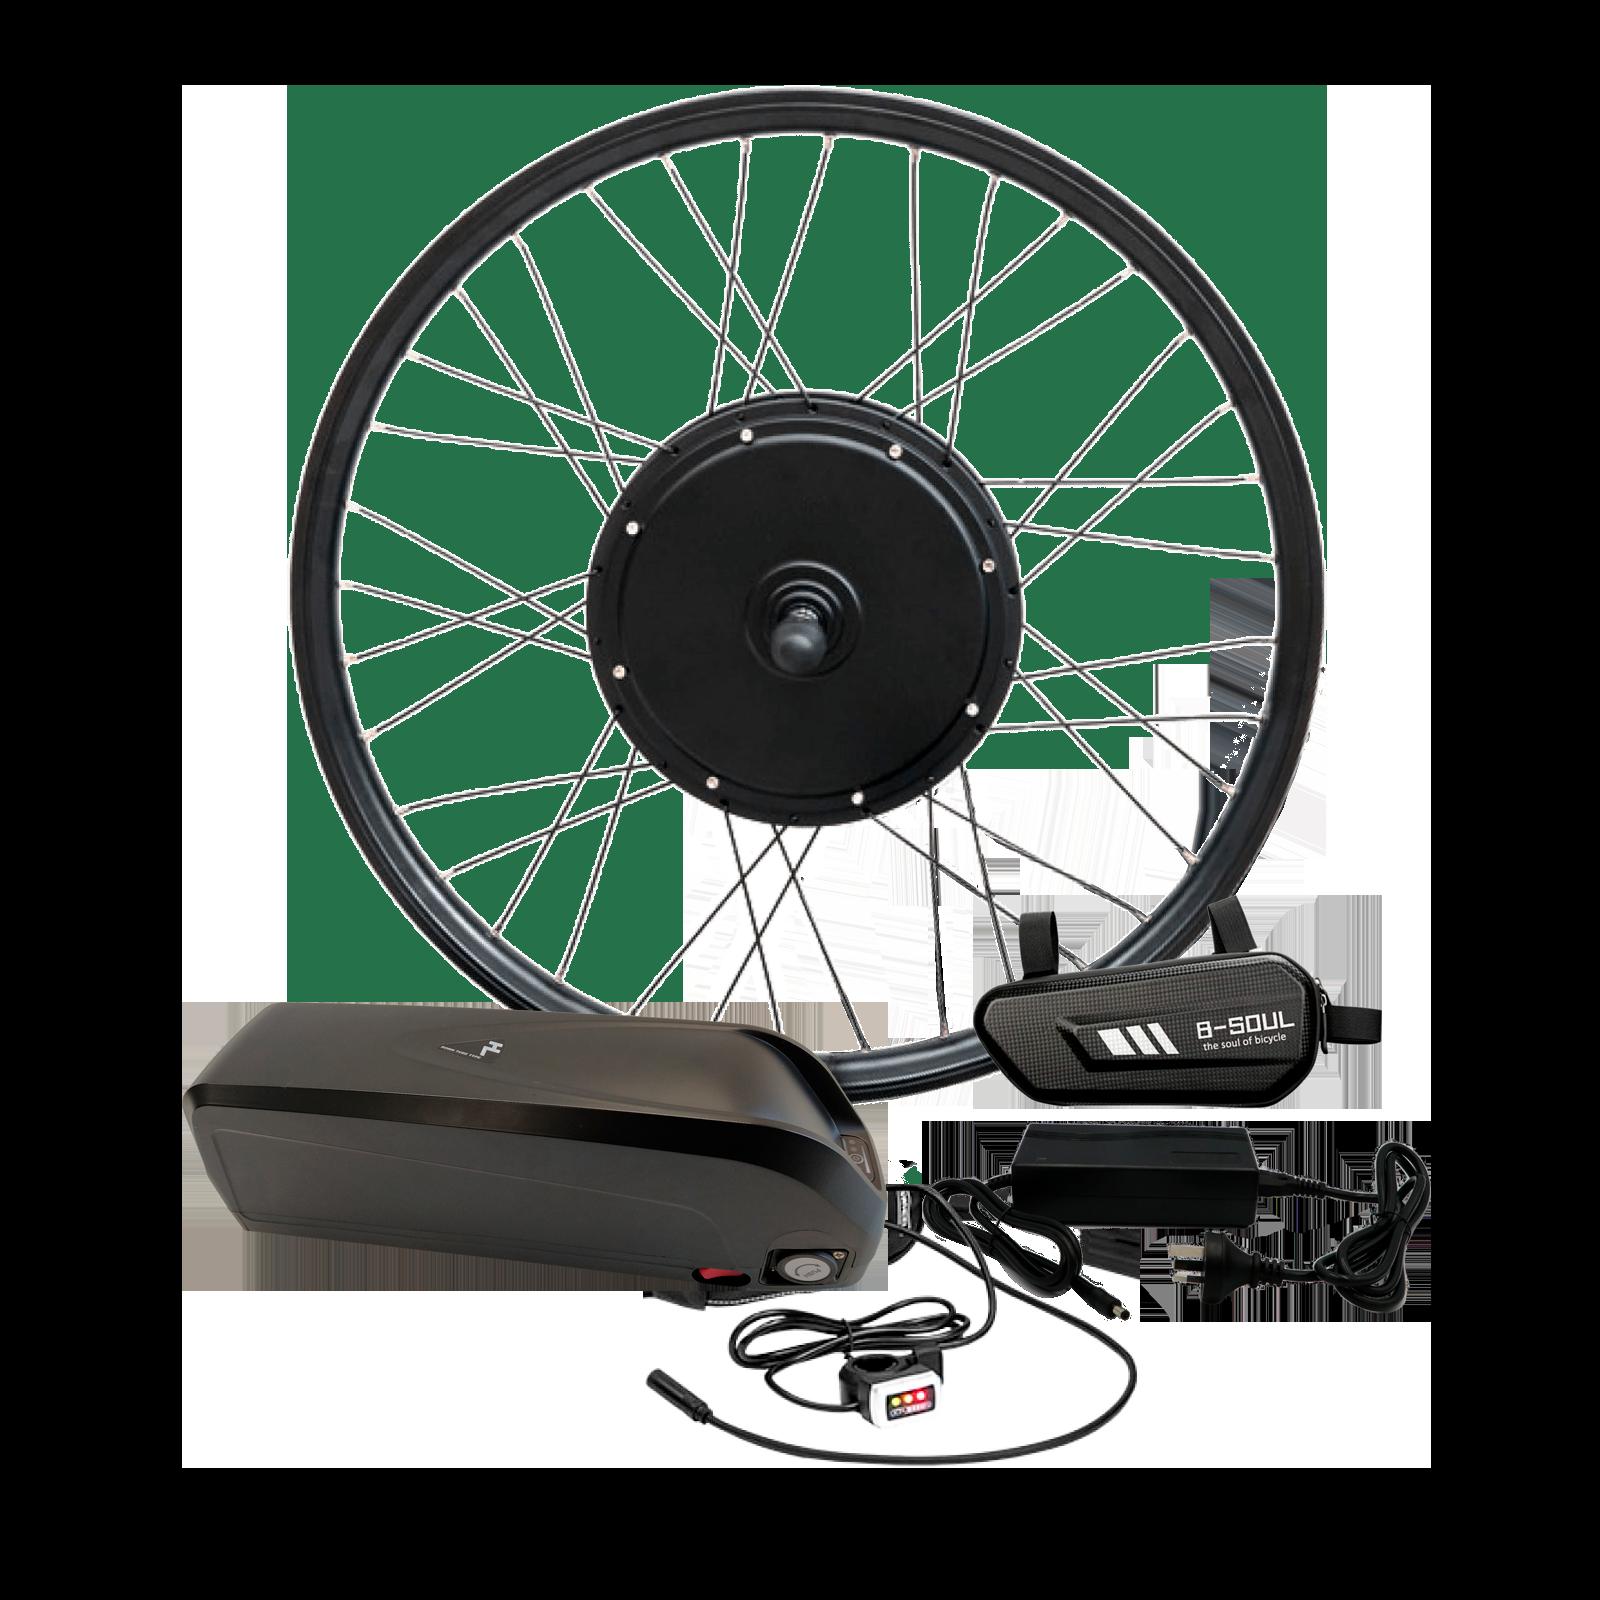 Электронабор для велосипеда 48В 1000Вт GTS / FAT безредукторный с литий-ионным аккумулятором Panasonic 19,2Ah